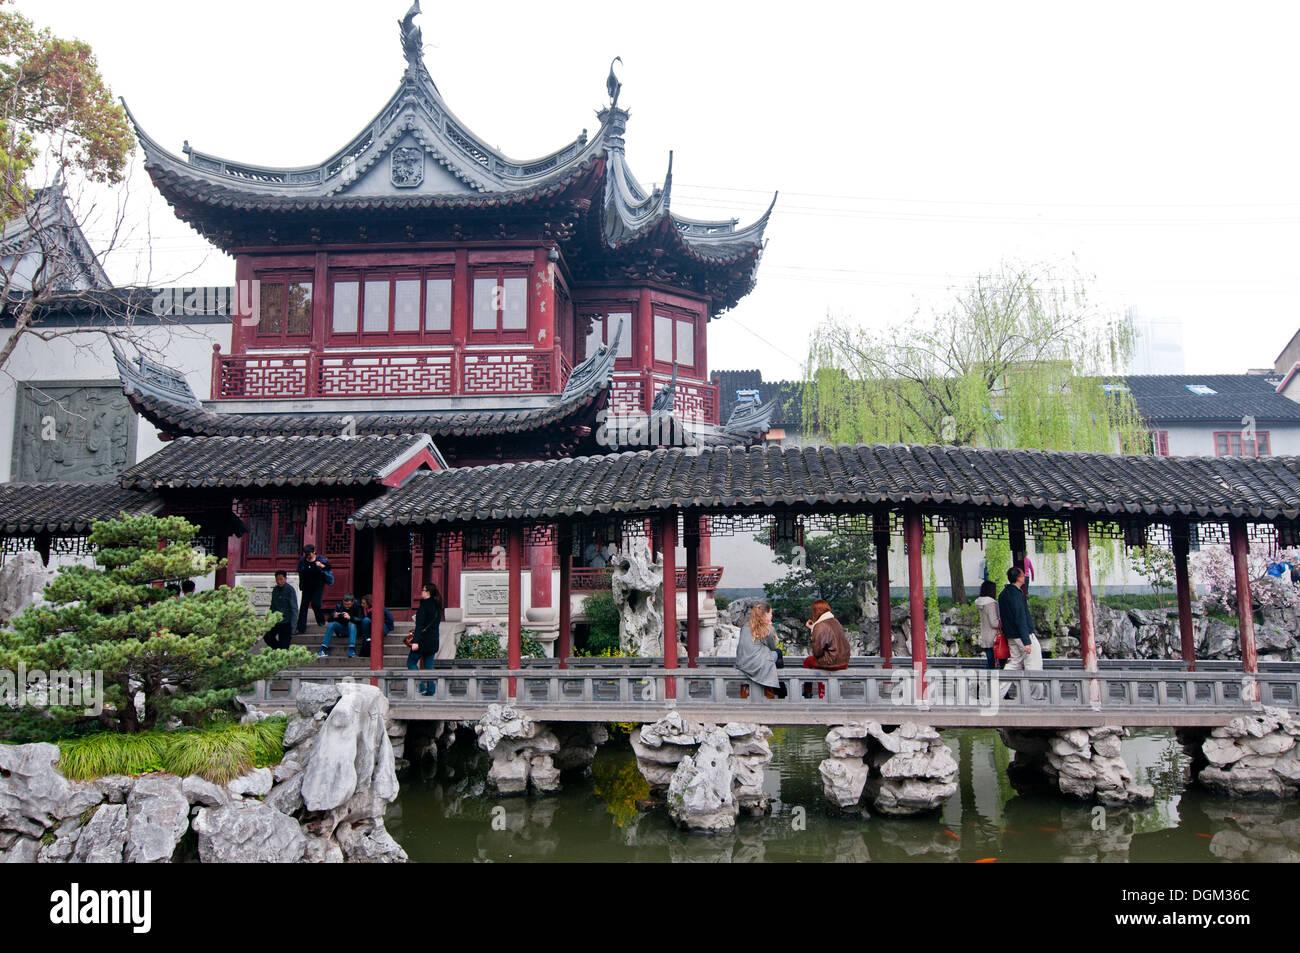 Hall di giada magnificenza in il giardino di yuyuan giardino di